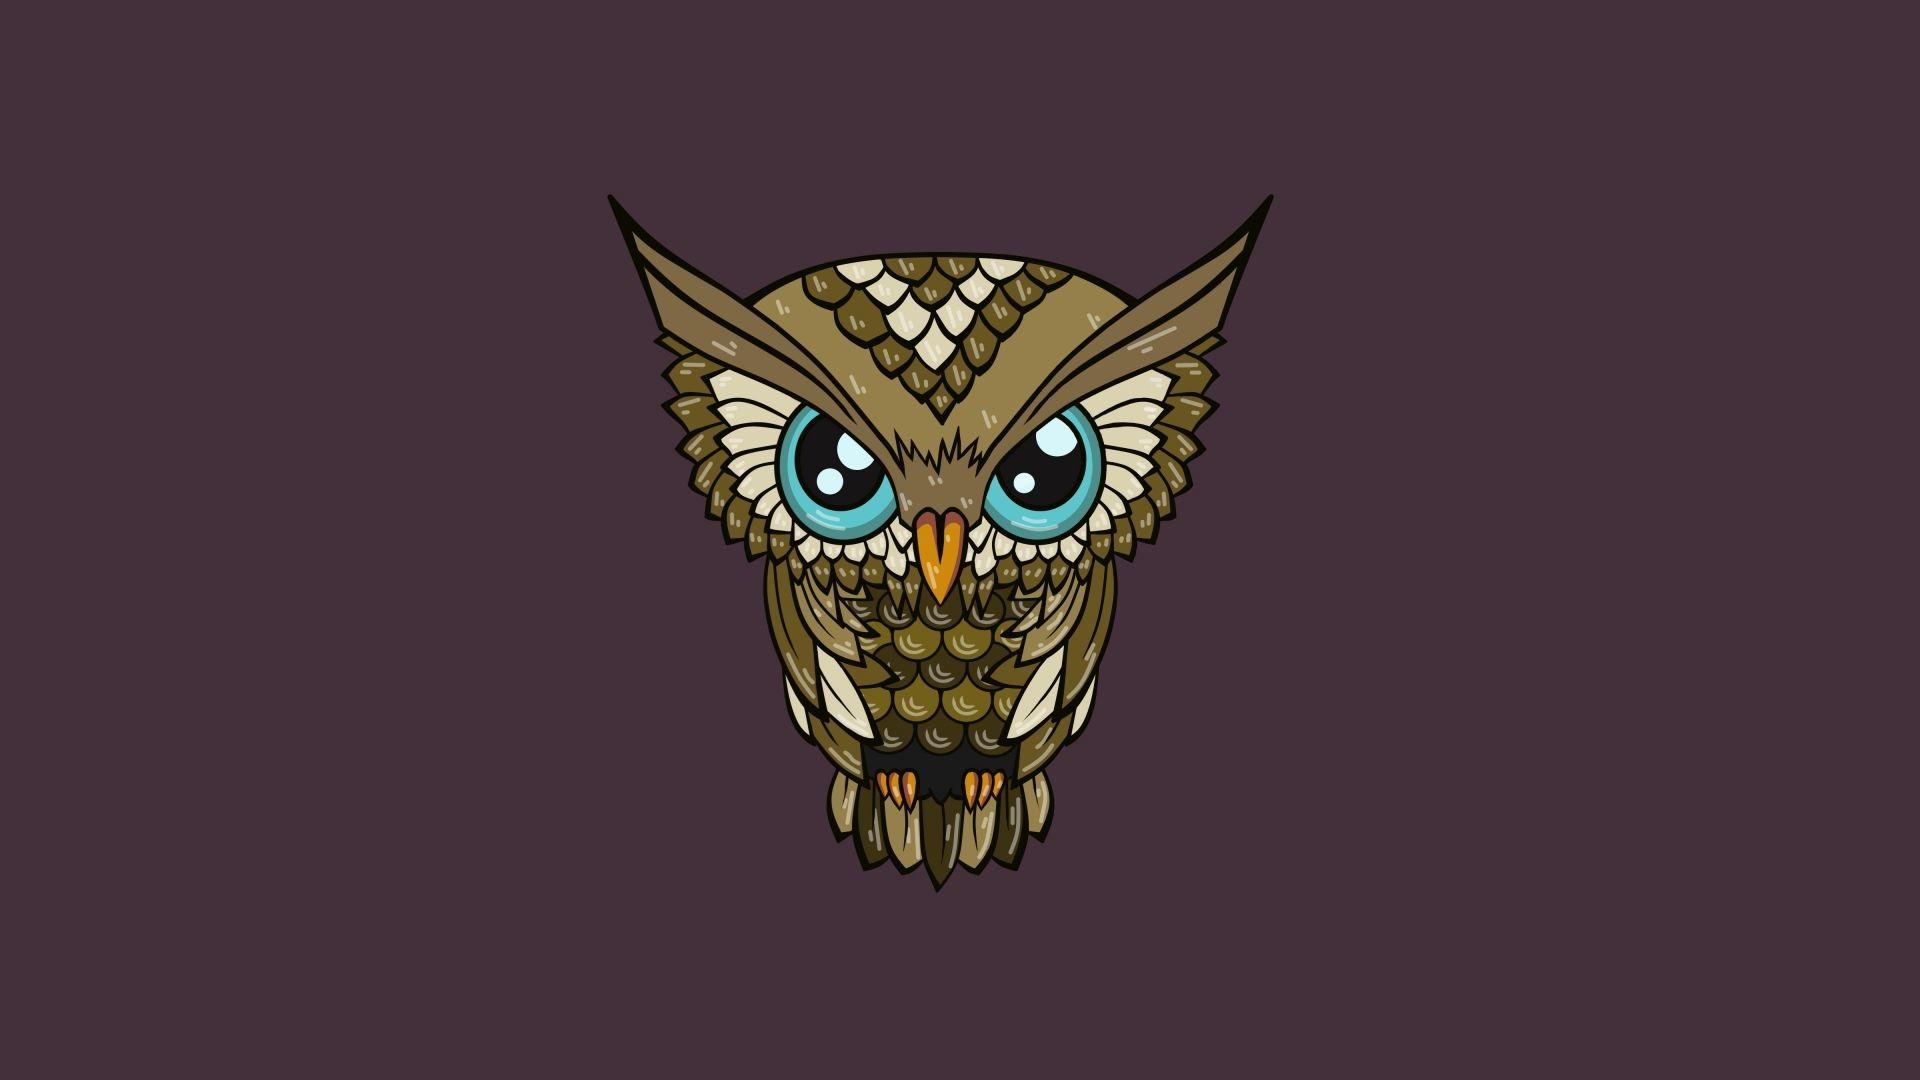 Download Wallpaper Owl, Minimalism, Art Full HD 1080p HD .